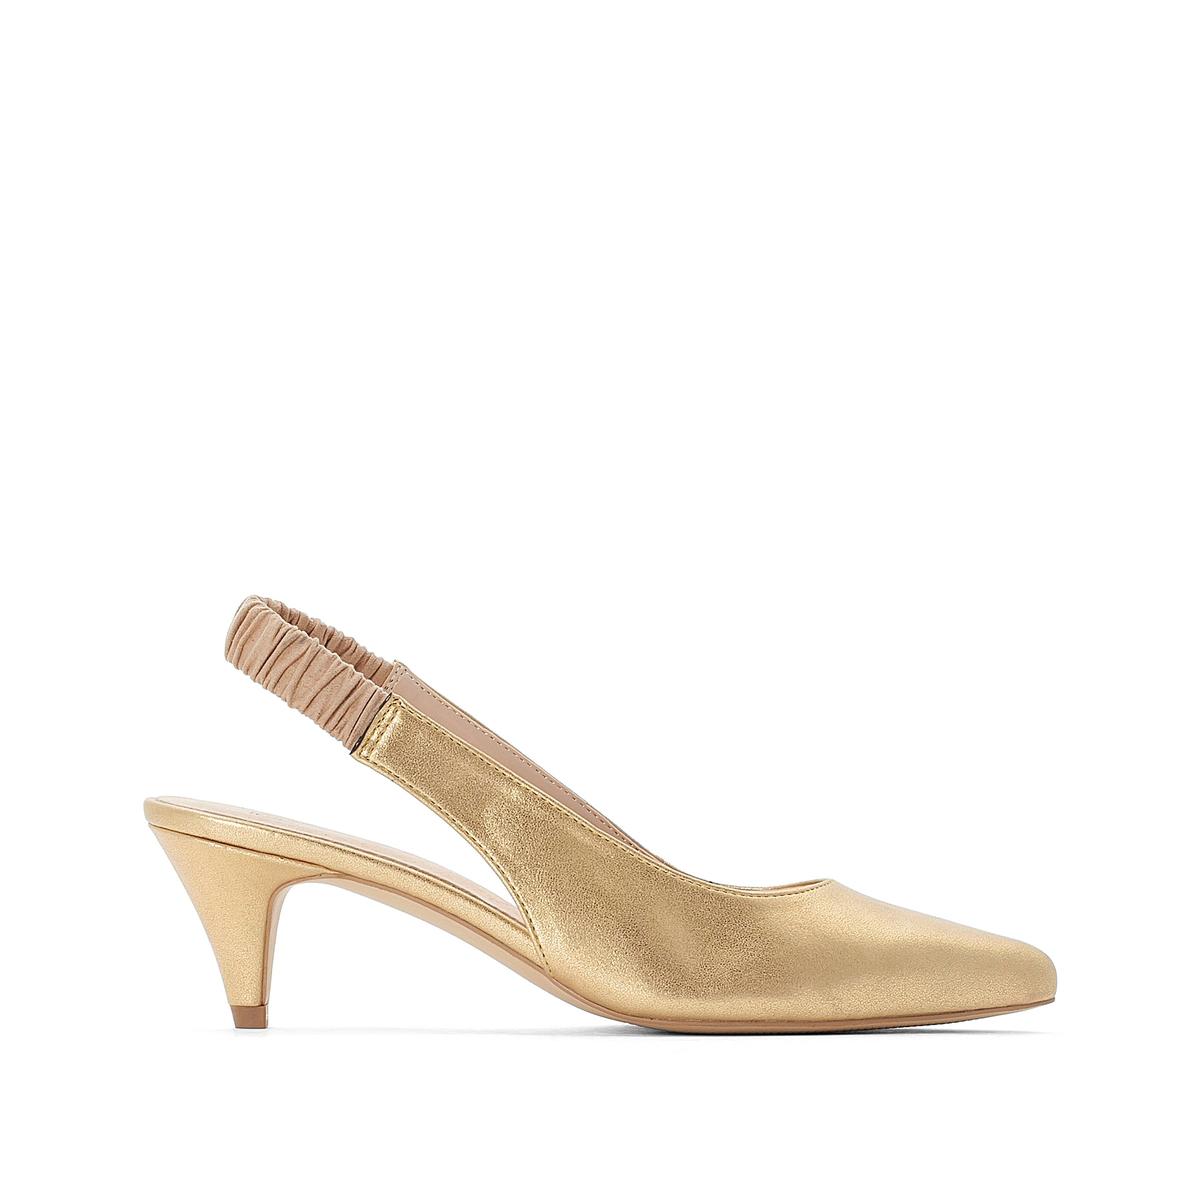 Туфли La Redoute С заостренным мыском и открытым задником 36 золотистый туфли la redoute кожаные с открытым мыском и деталями золотистого цвета 41 черный